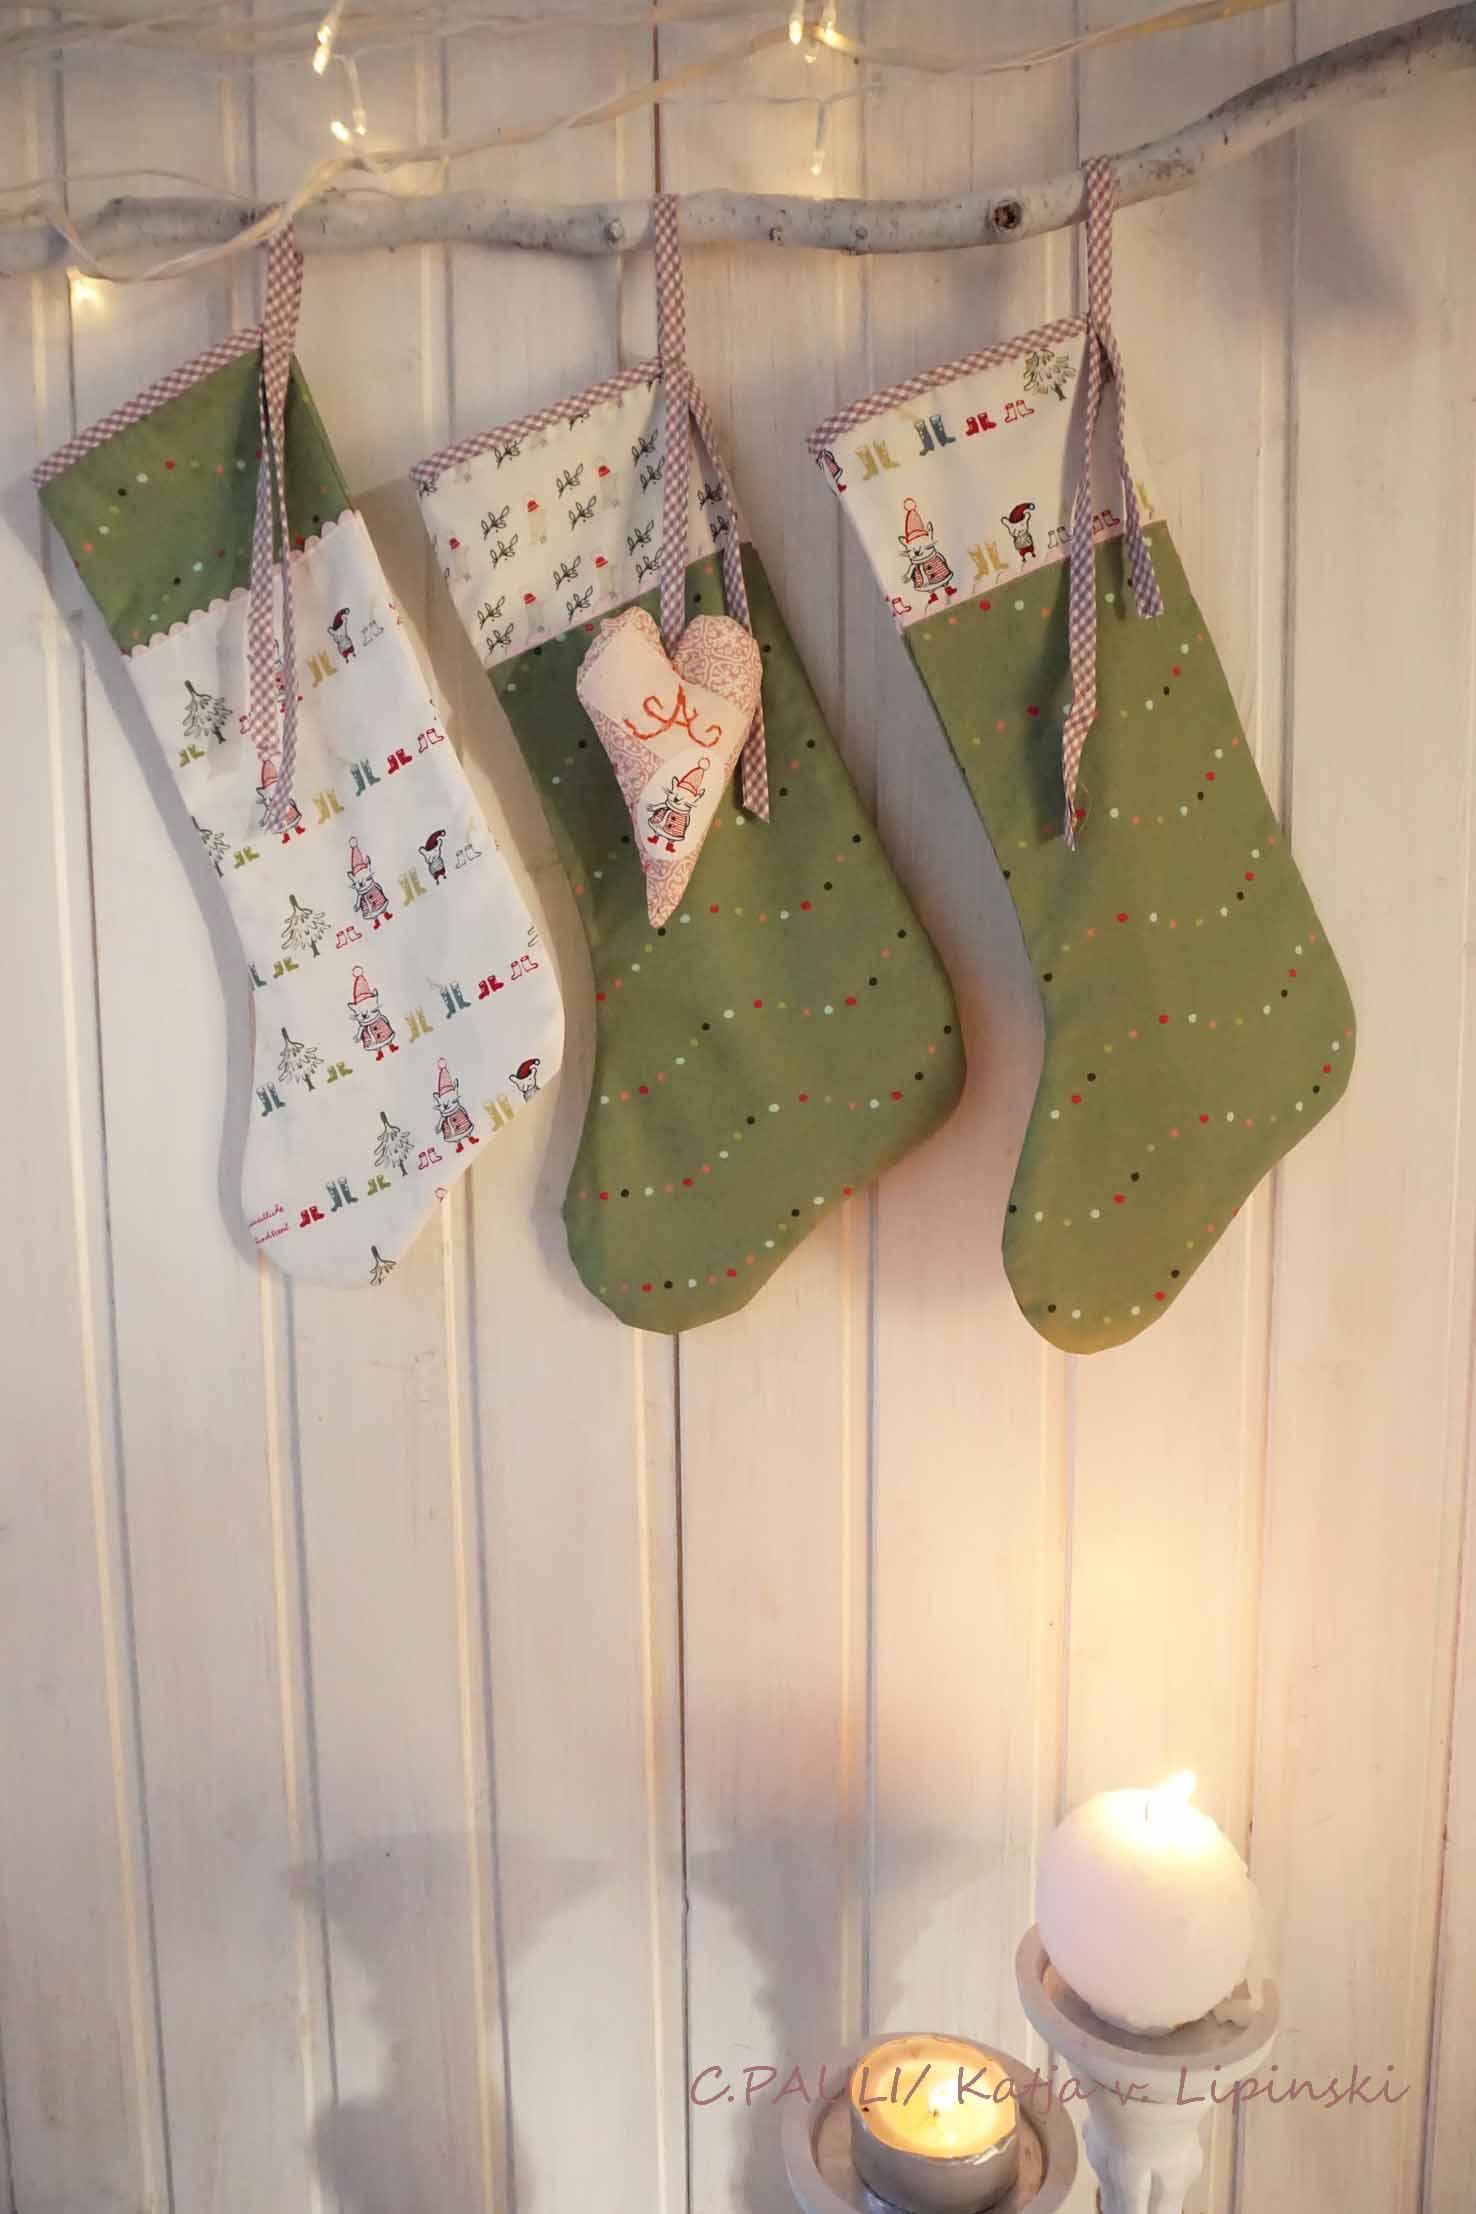 Nähen für Weihnachten: Adventsstiefel | C.Pauli Nature Blog